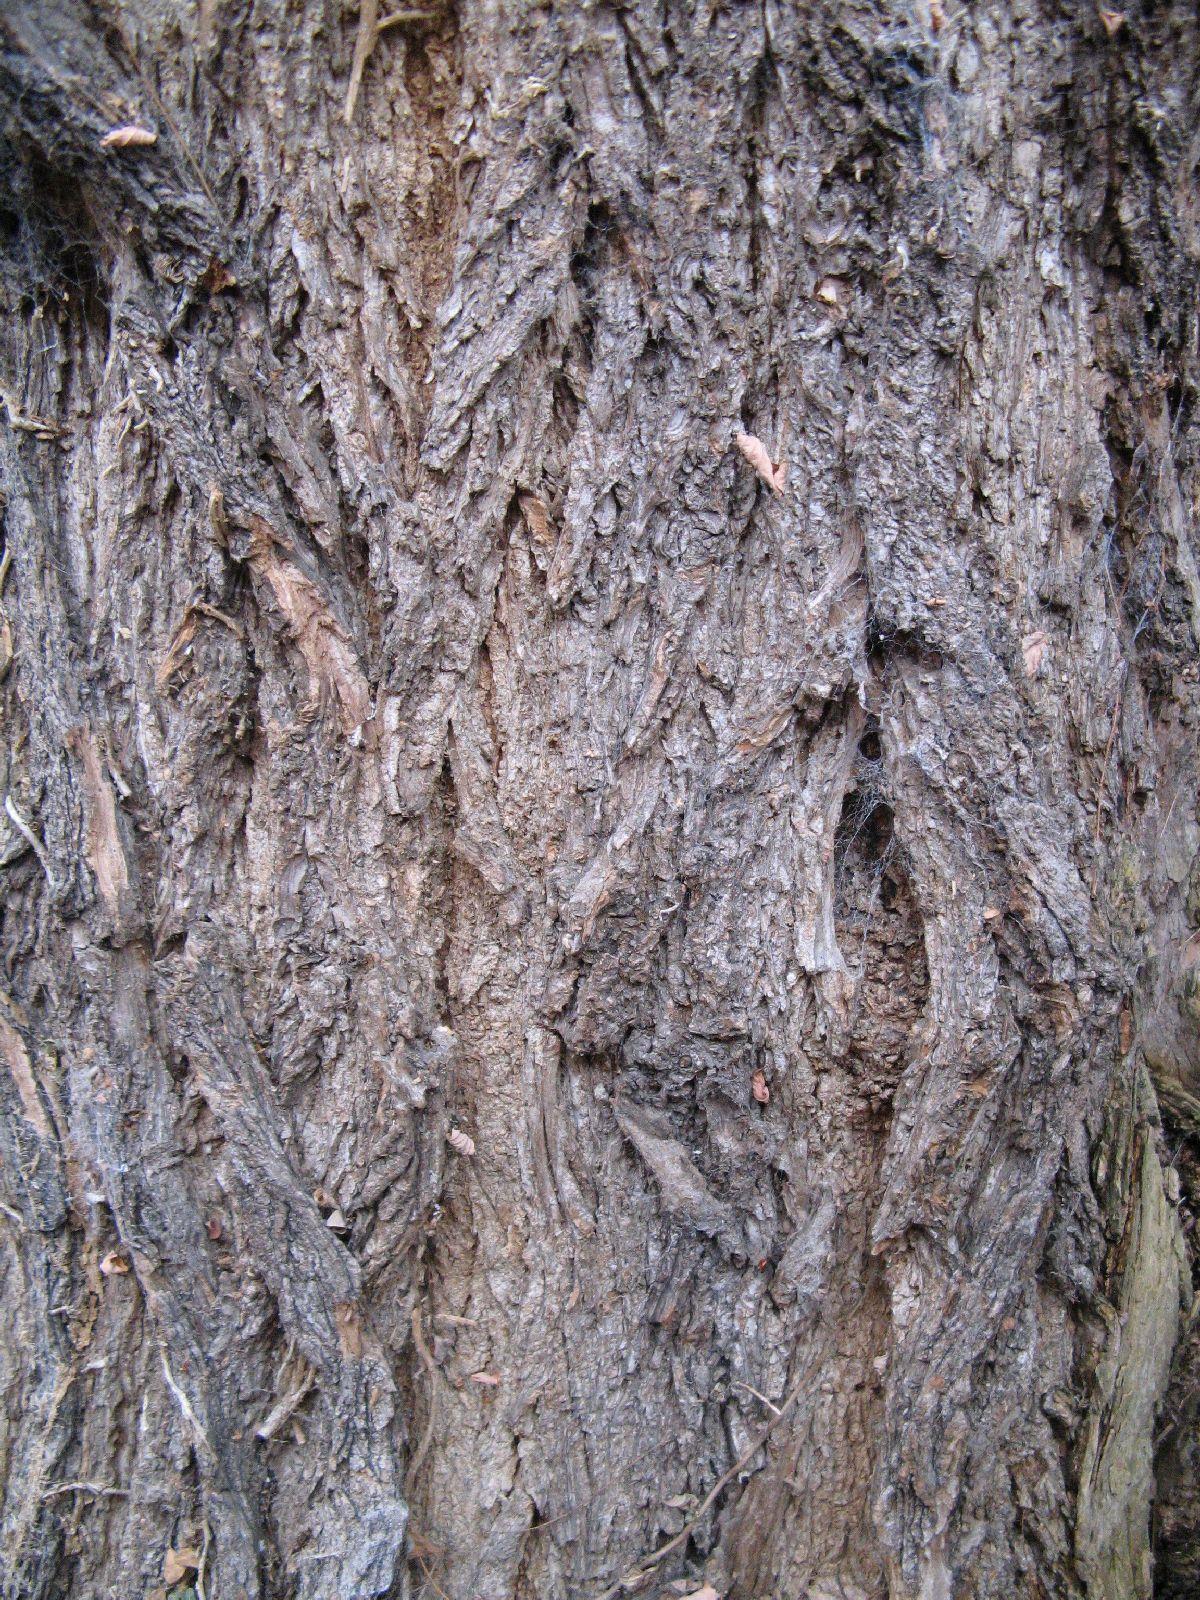 Baum-Rinde_Texturs_B_24710